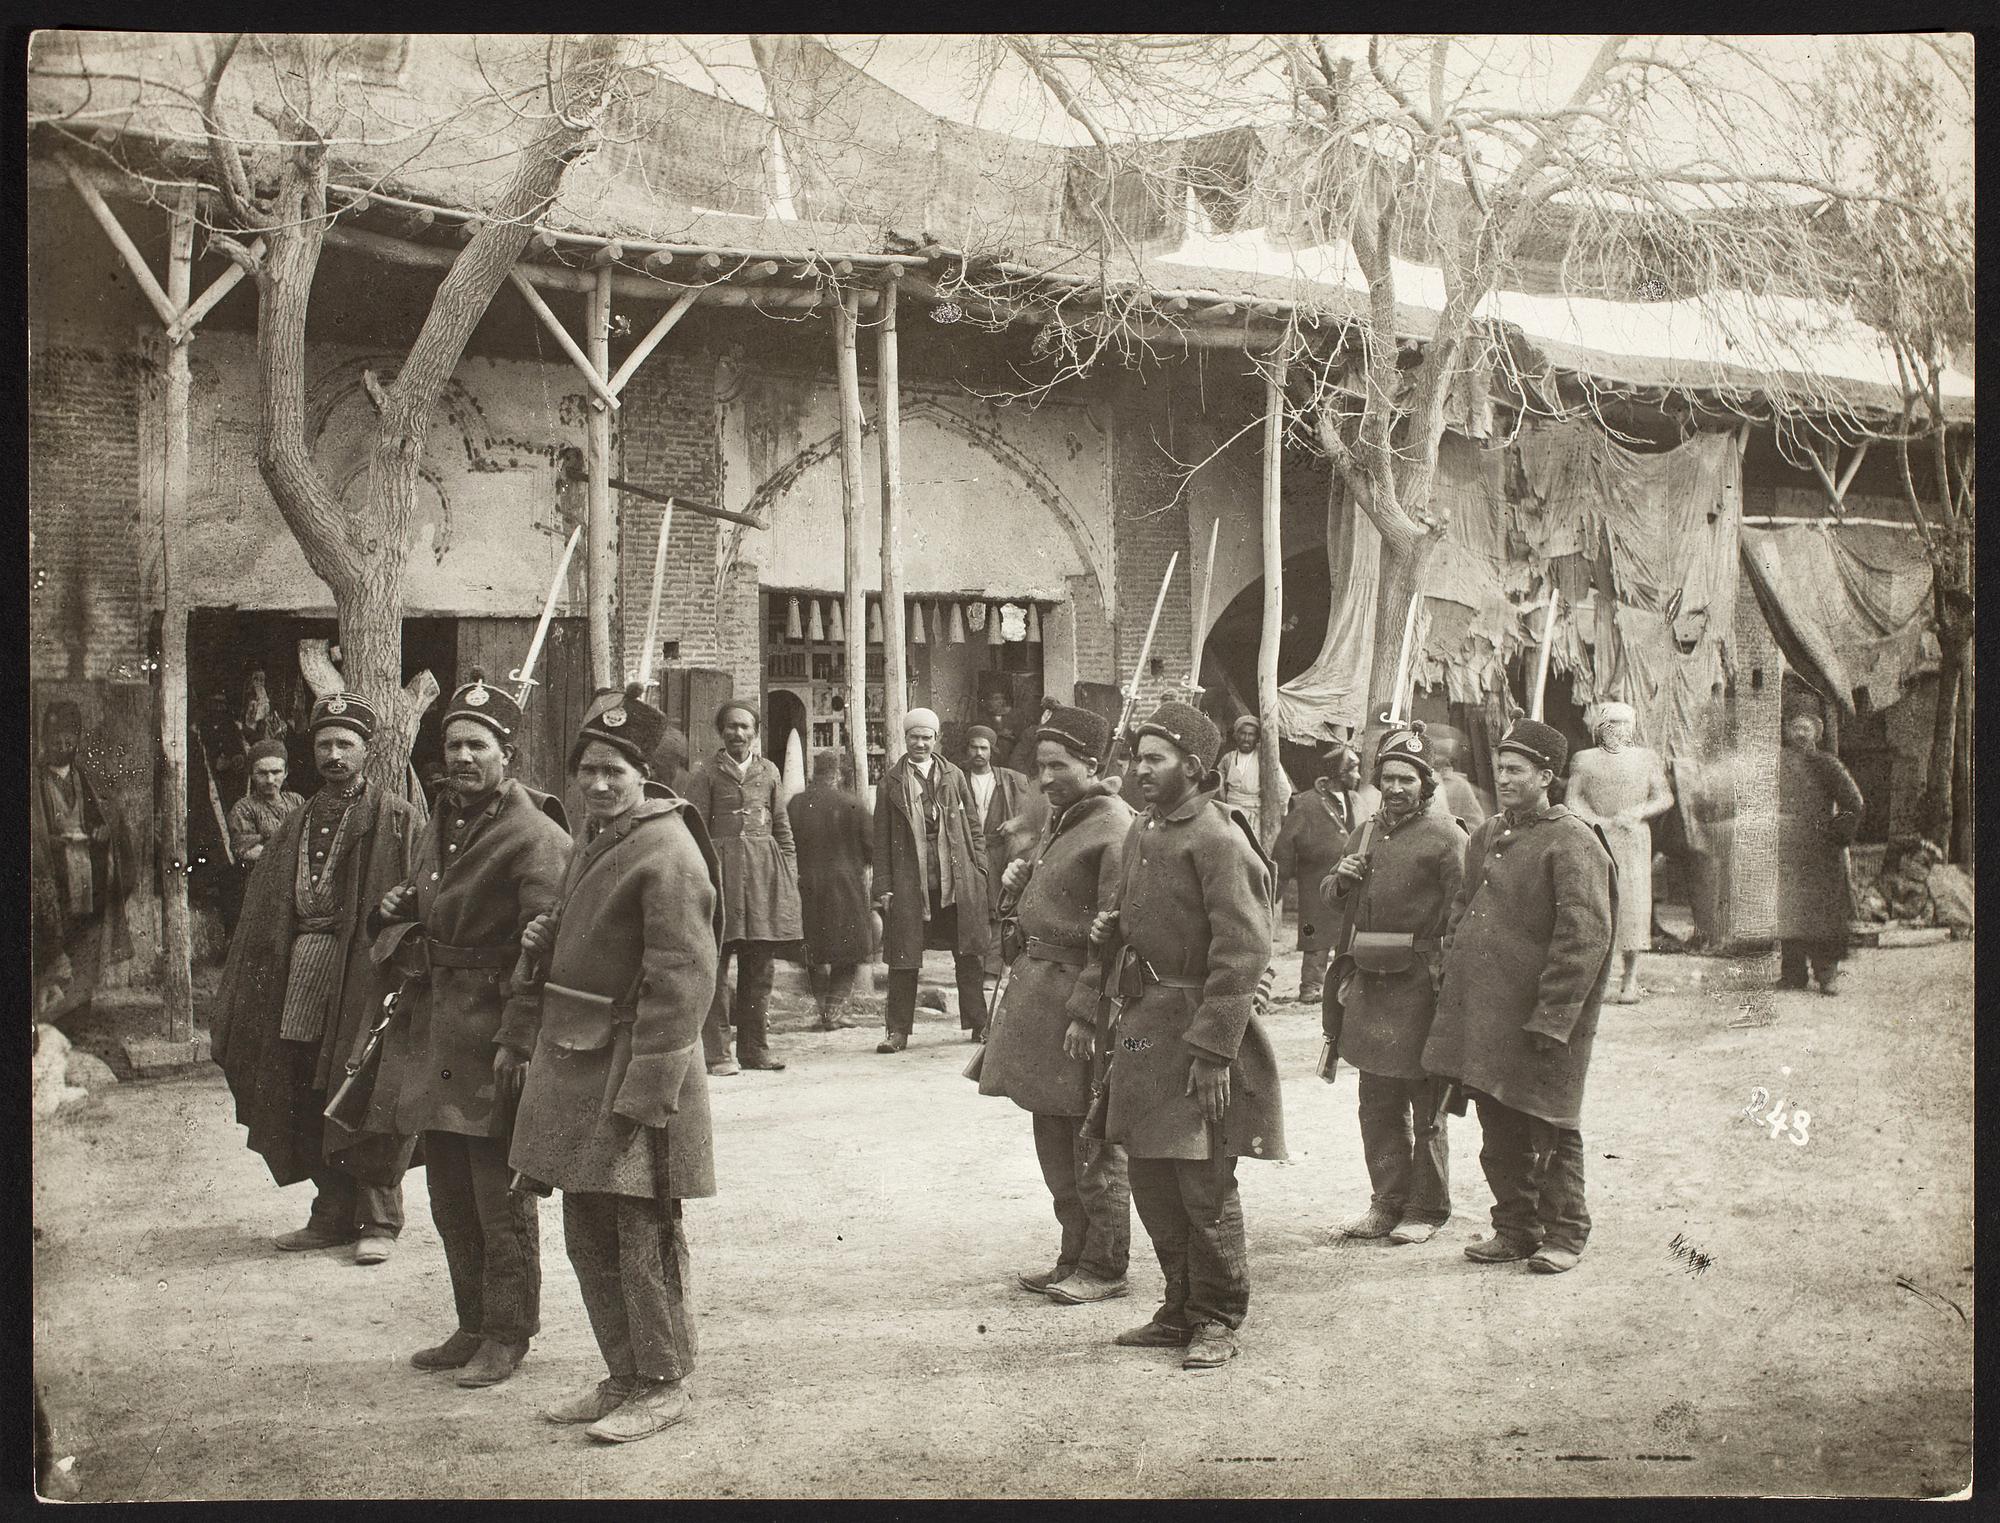 عکس/سربازان دوره قاجار